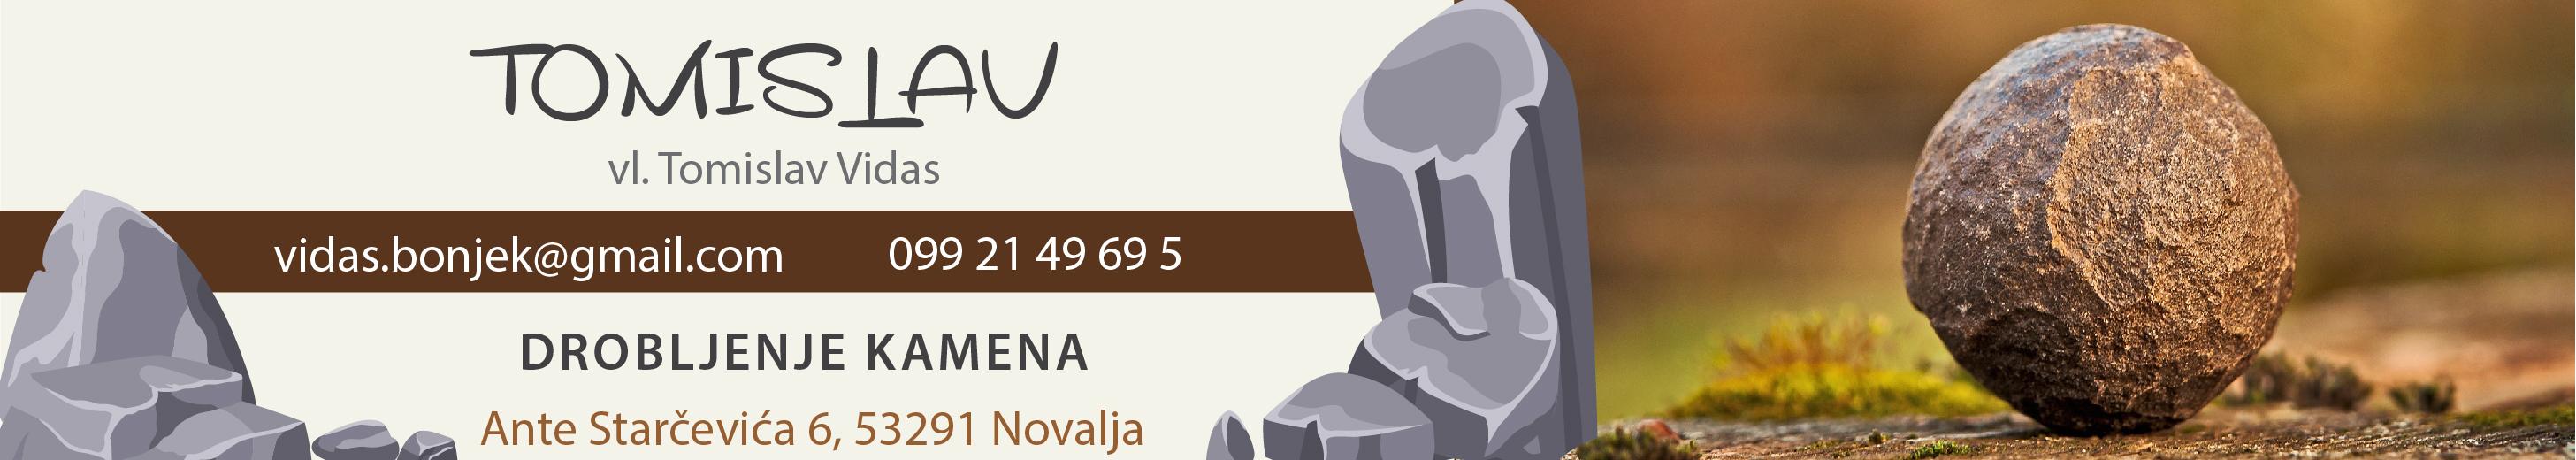 TOMISLAV-vl.Tomas-Vidas-drobljenje-kamena-banner